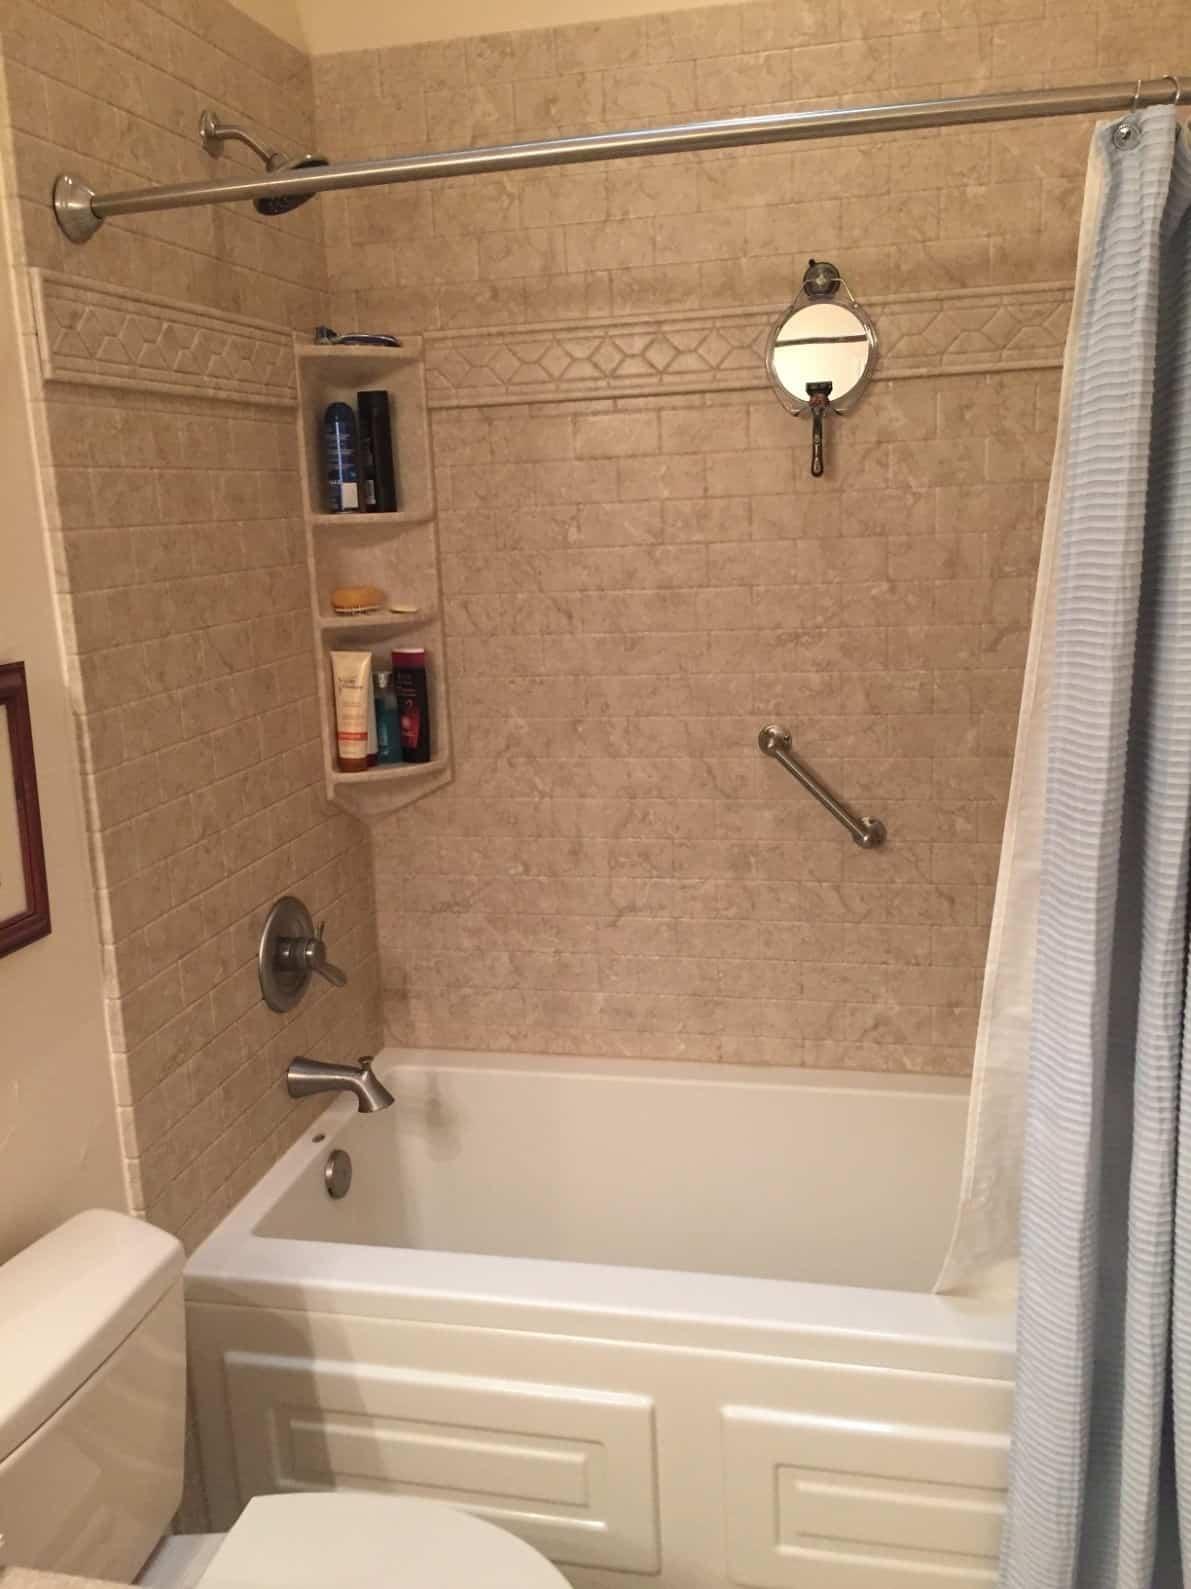 bathtub remodeling - after 2